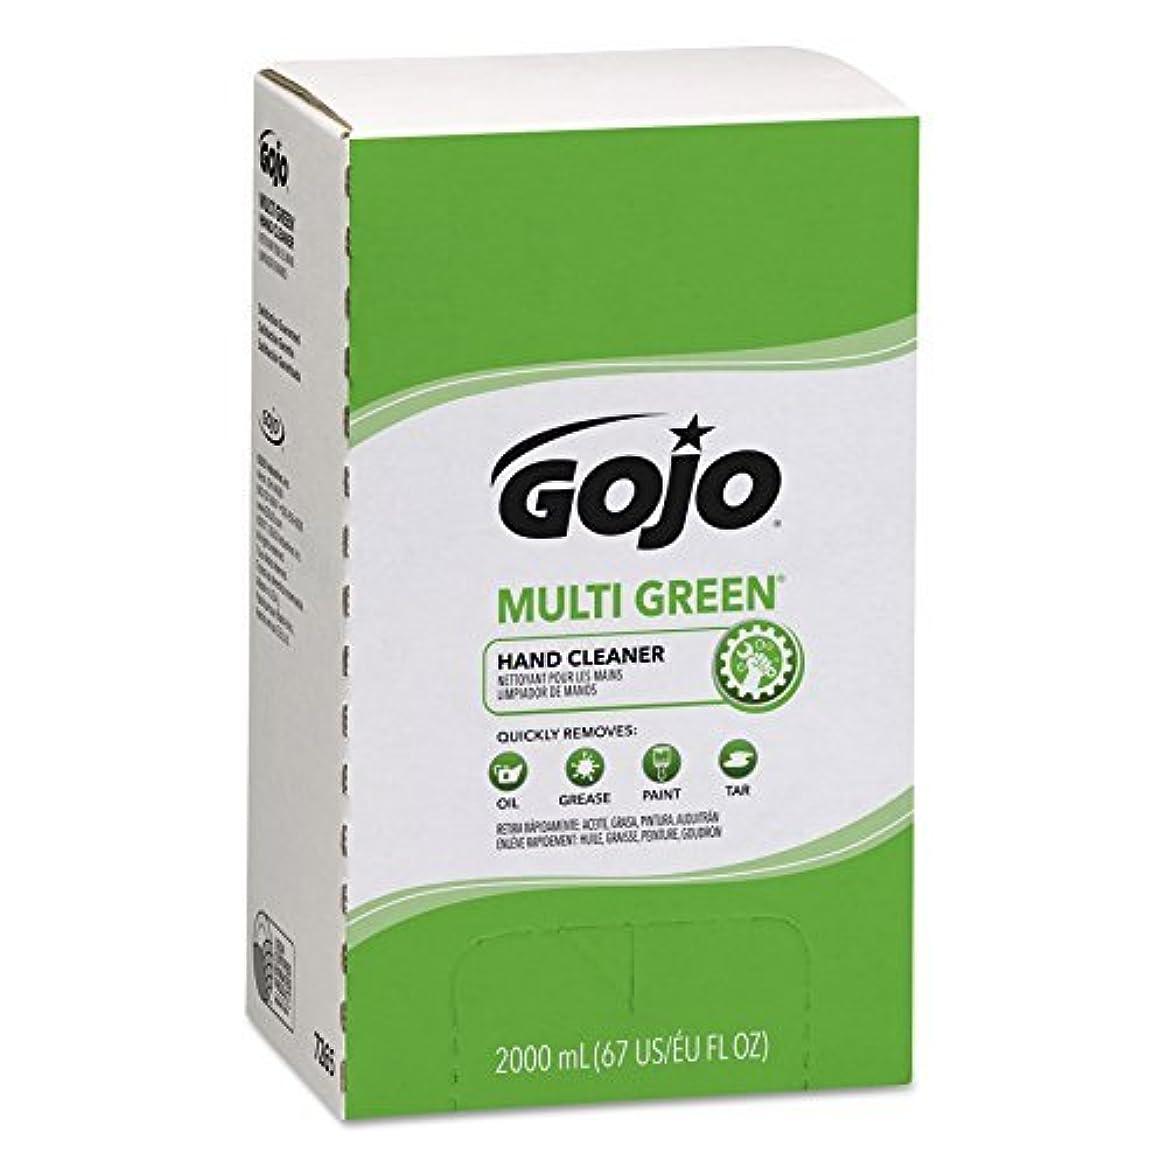 アプローチ本物の転倒GOJO MULTI GREEN Hand Cleaner Gel,Natural Citrus Solvent,2000 mL BioPreferred Certified Hand Cleaner Refill for...